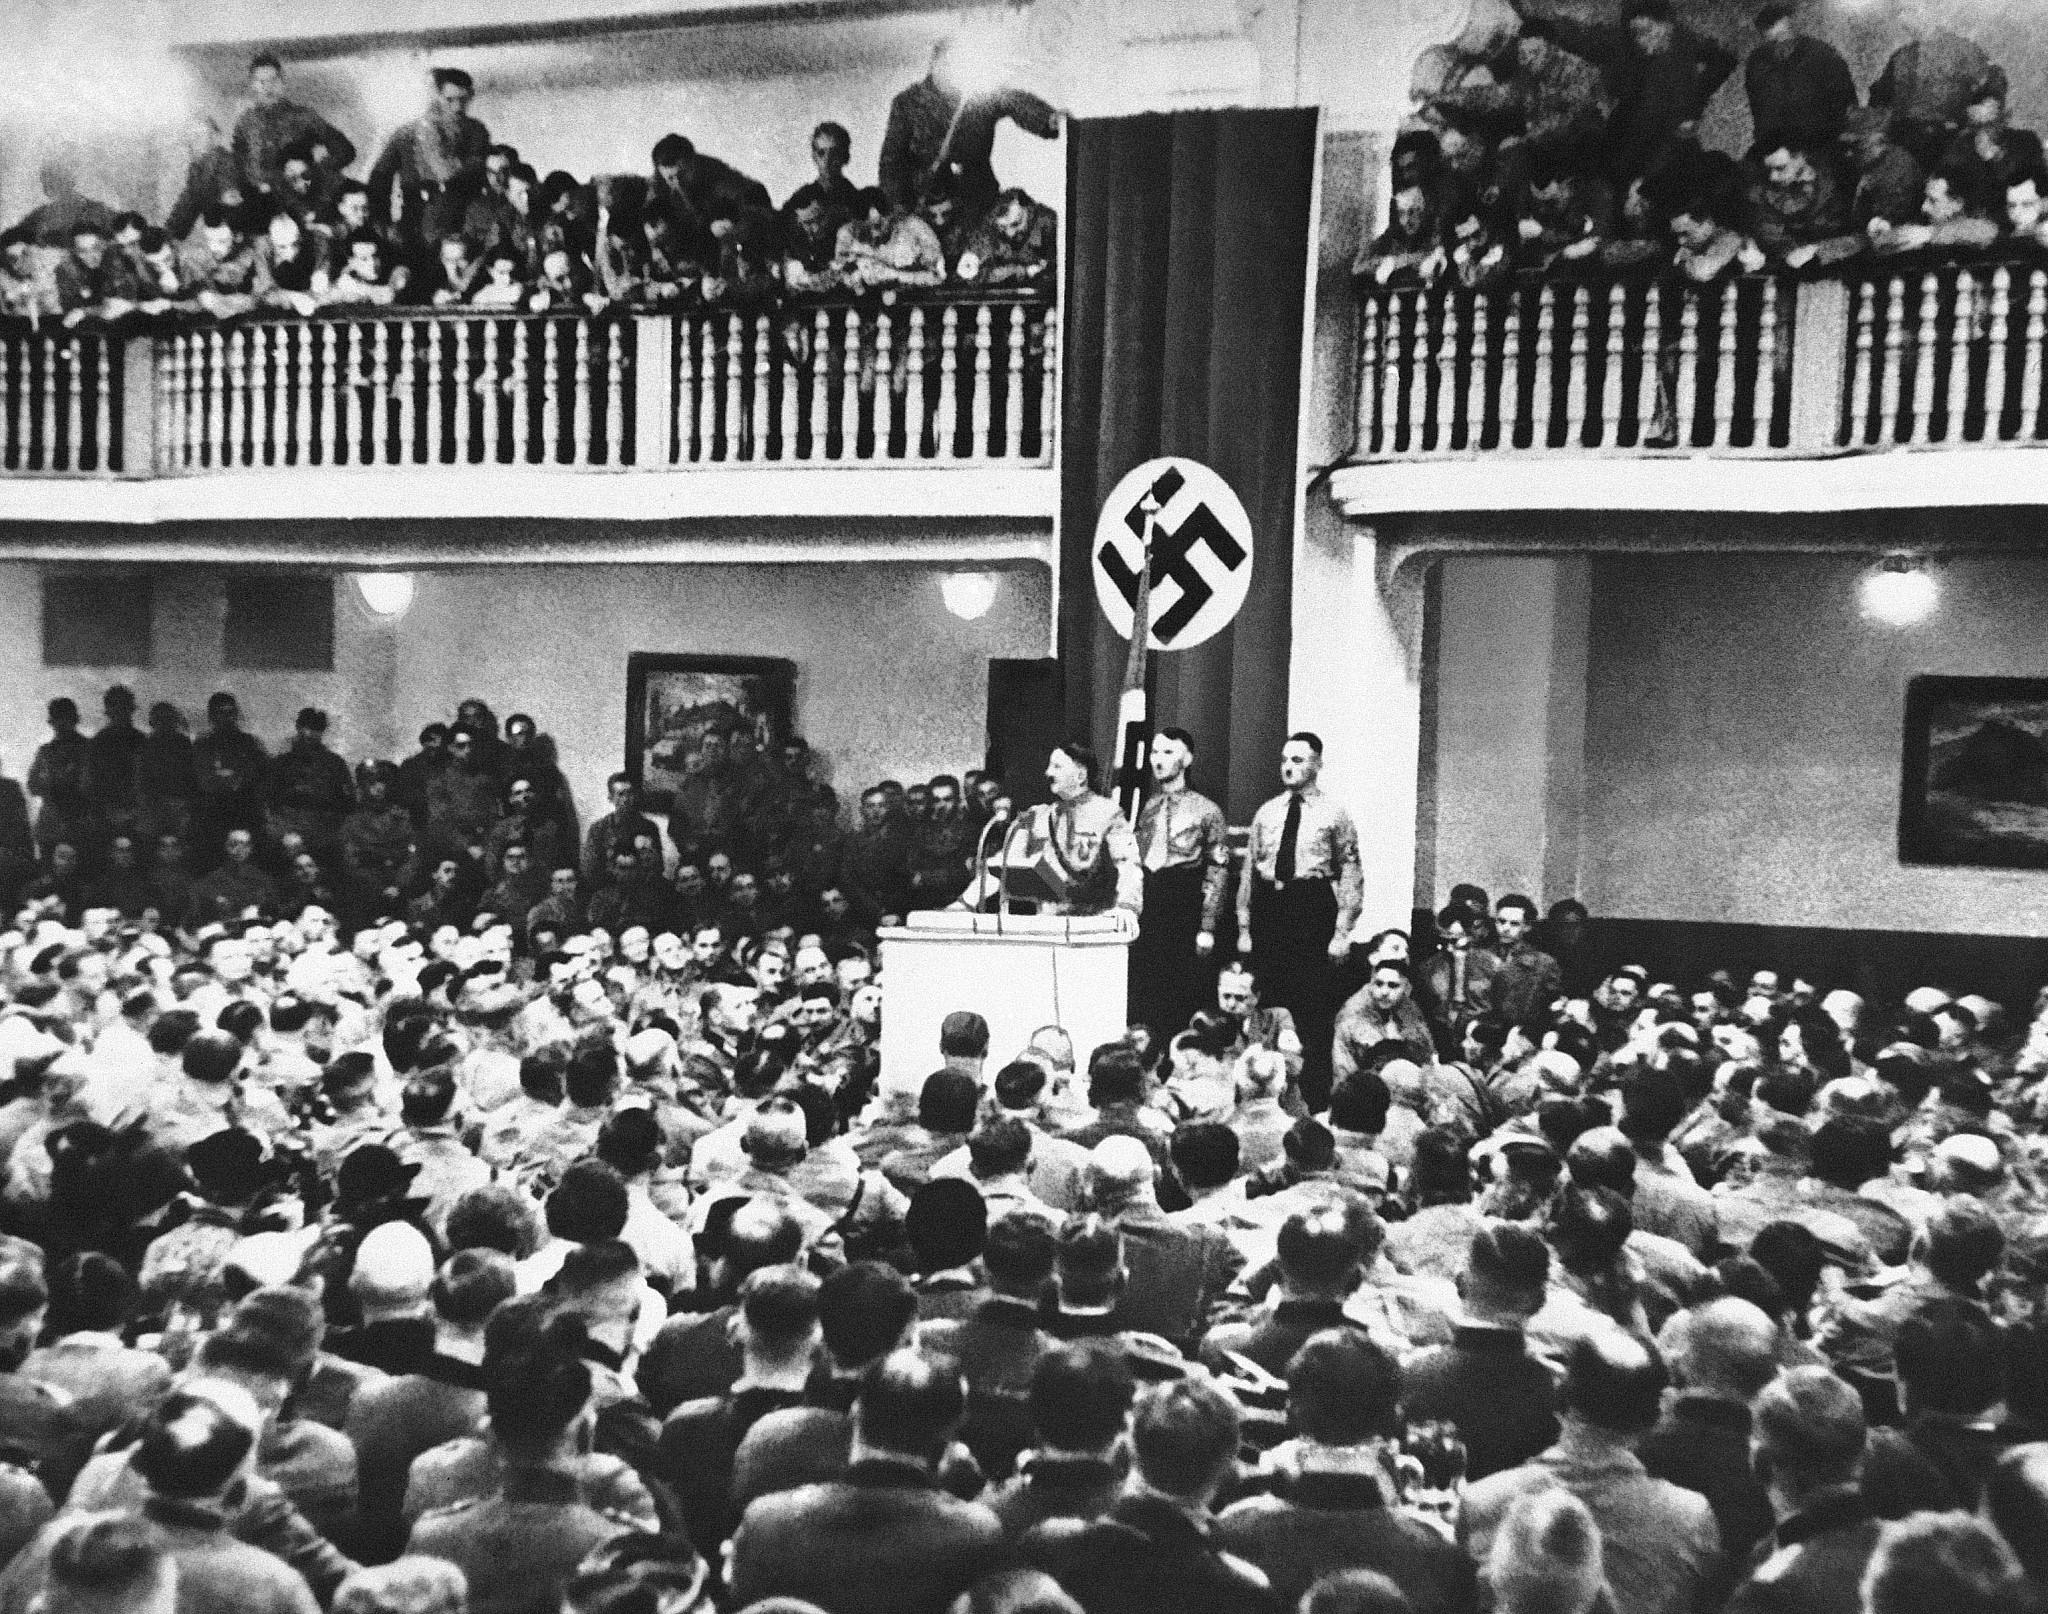 Beer putsch, November 9, 1923